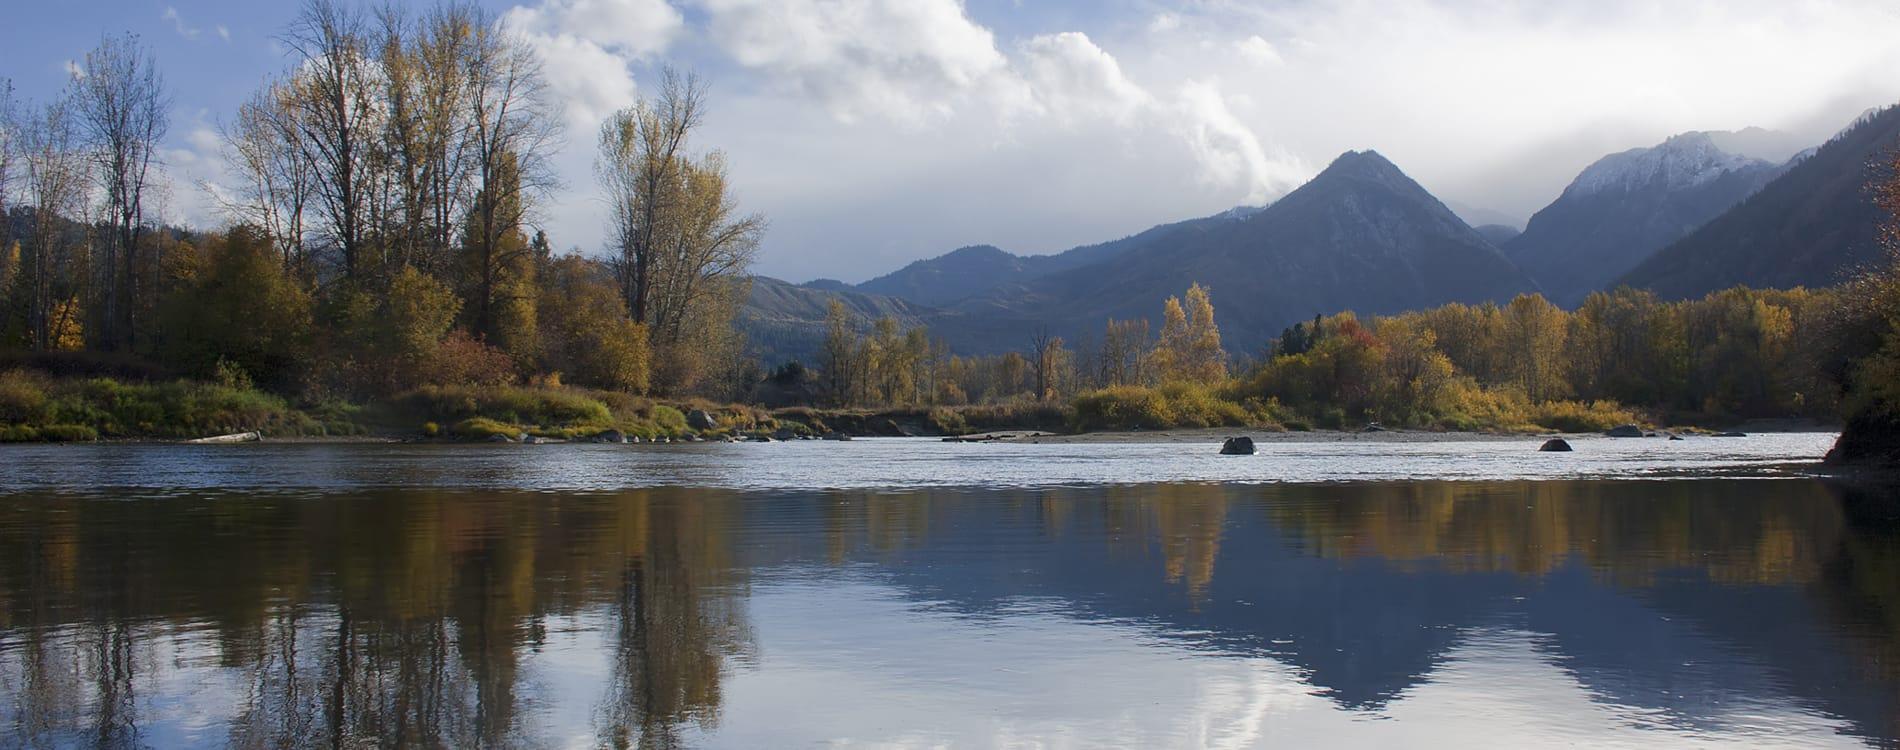 Leavenworth, WA - Wenatchee River